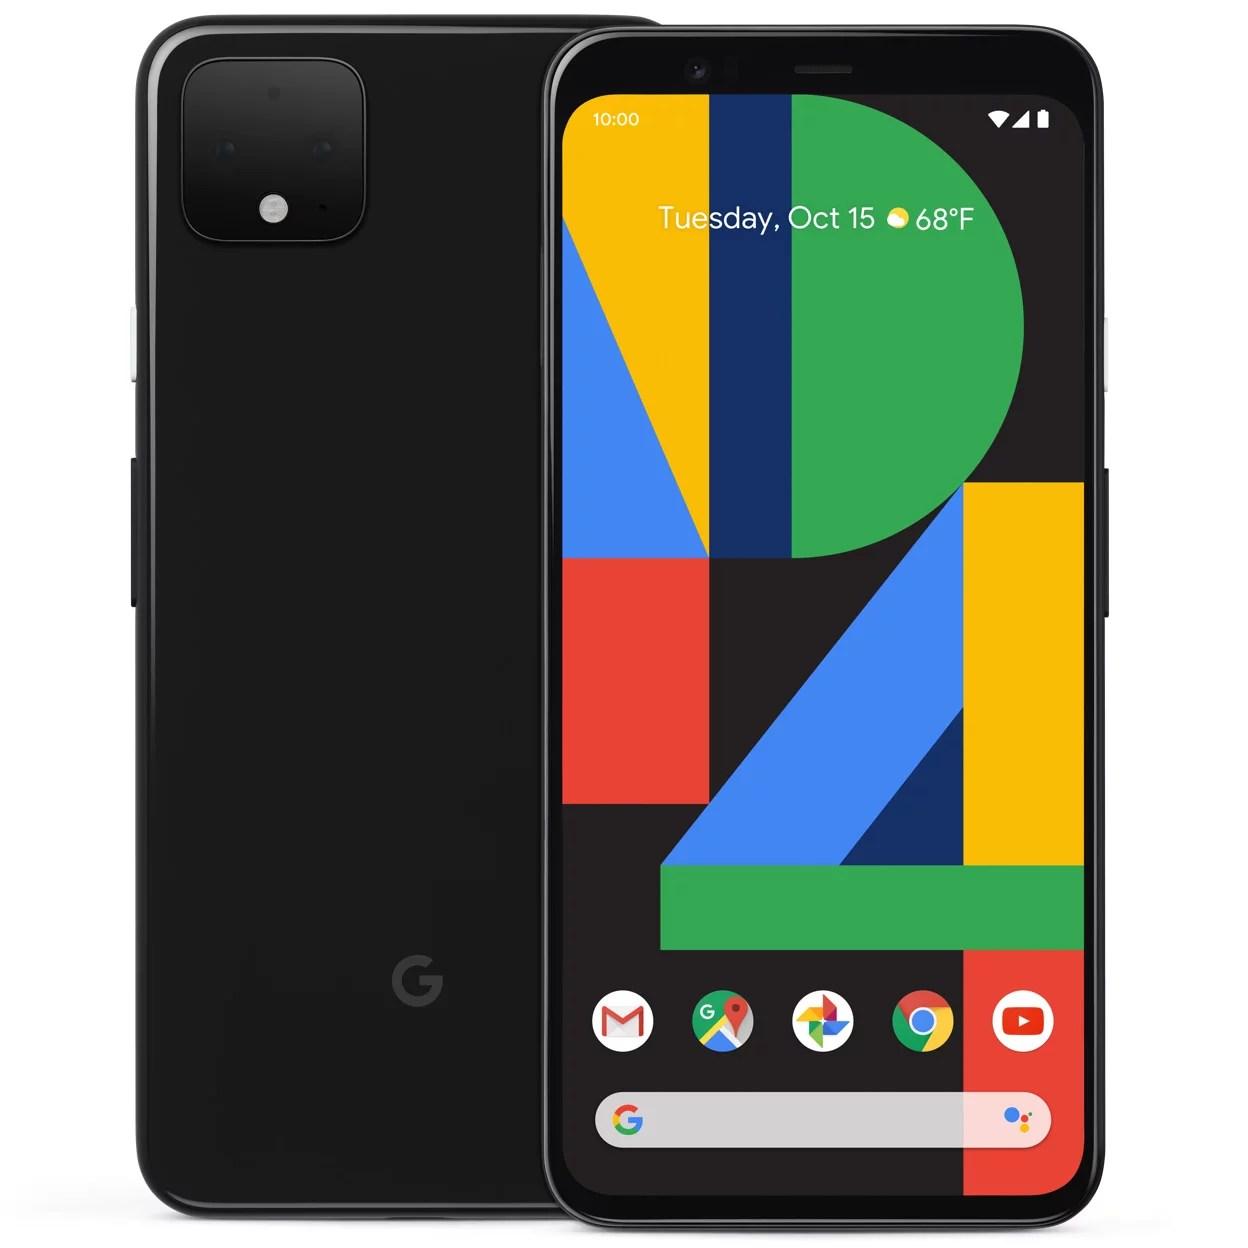 Google Pixel 4 XL 64GB Just Black (Unlocked) Refurbished Grade B